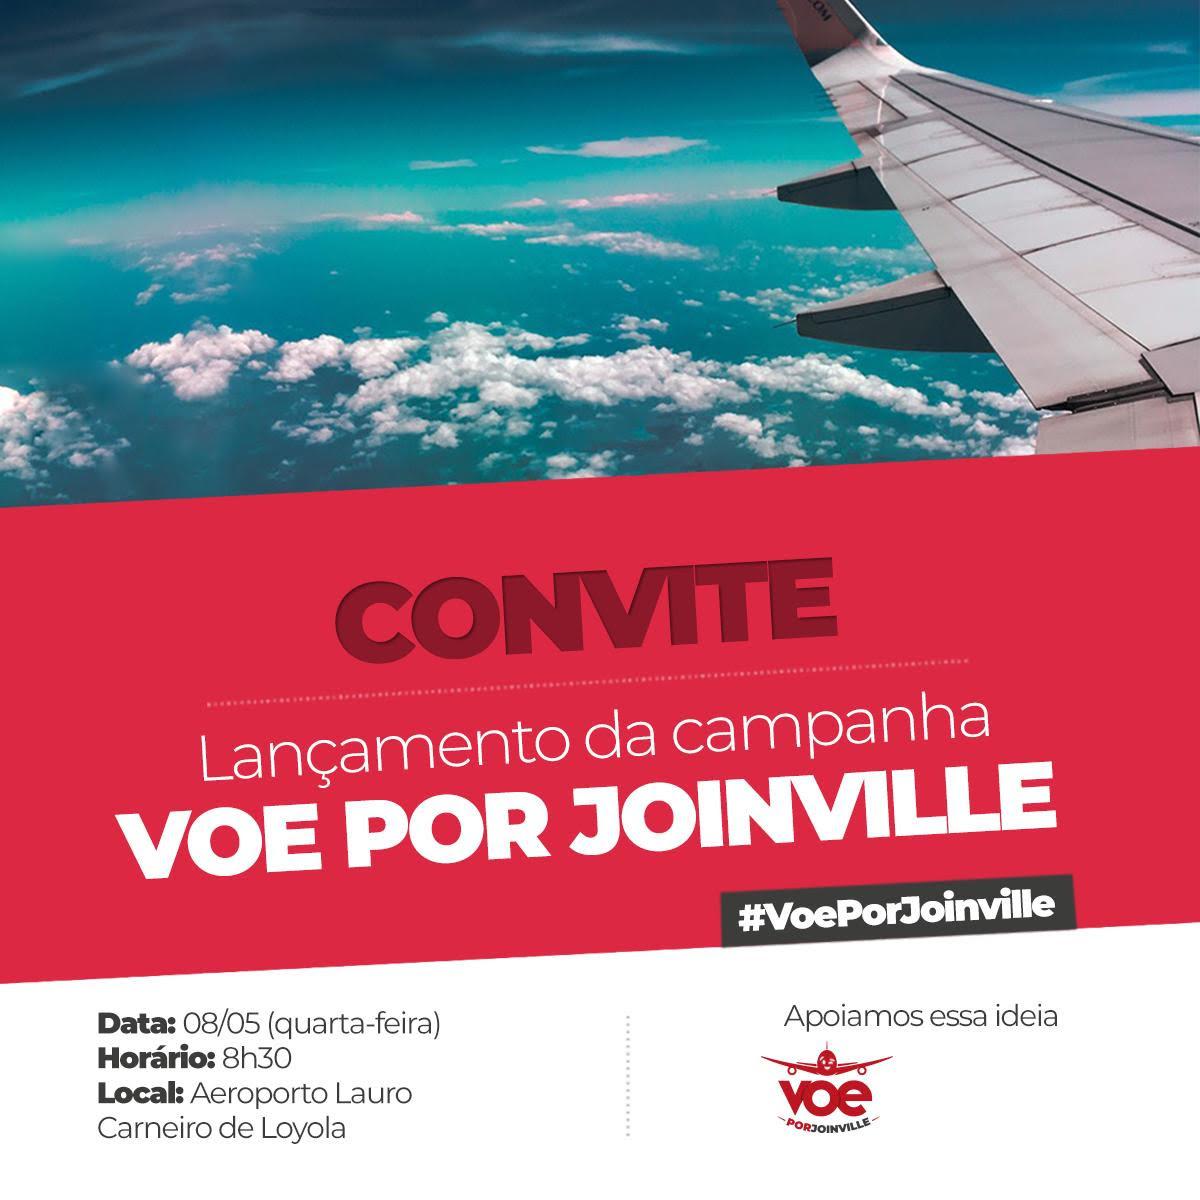 Voe Por Joinville